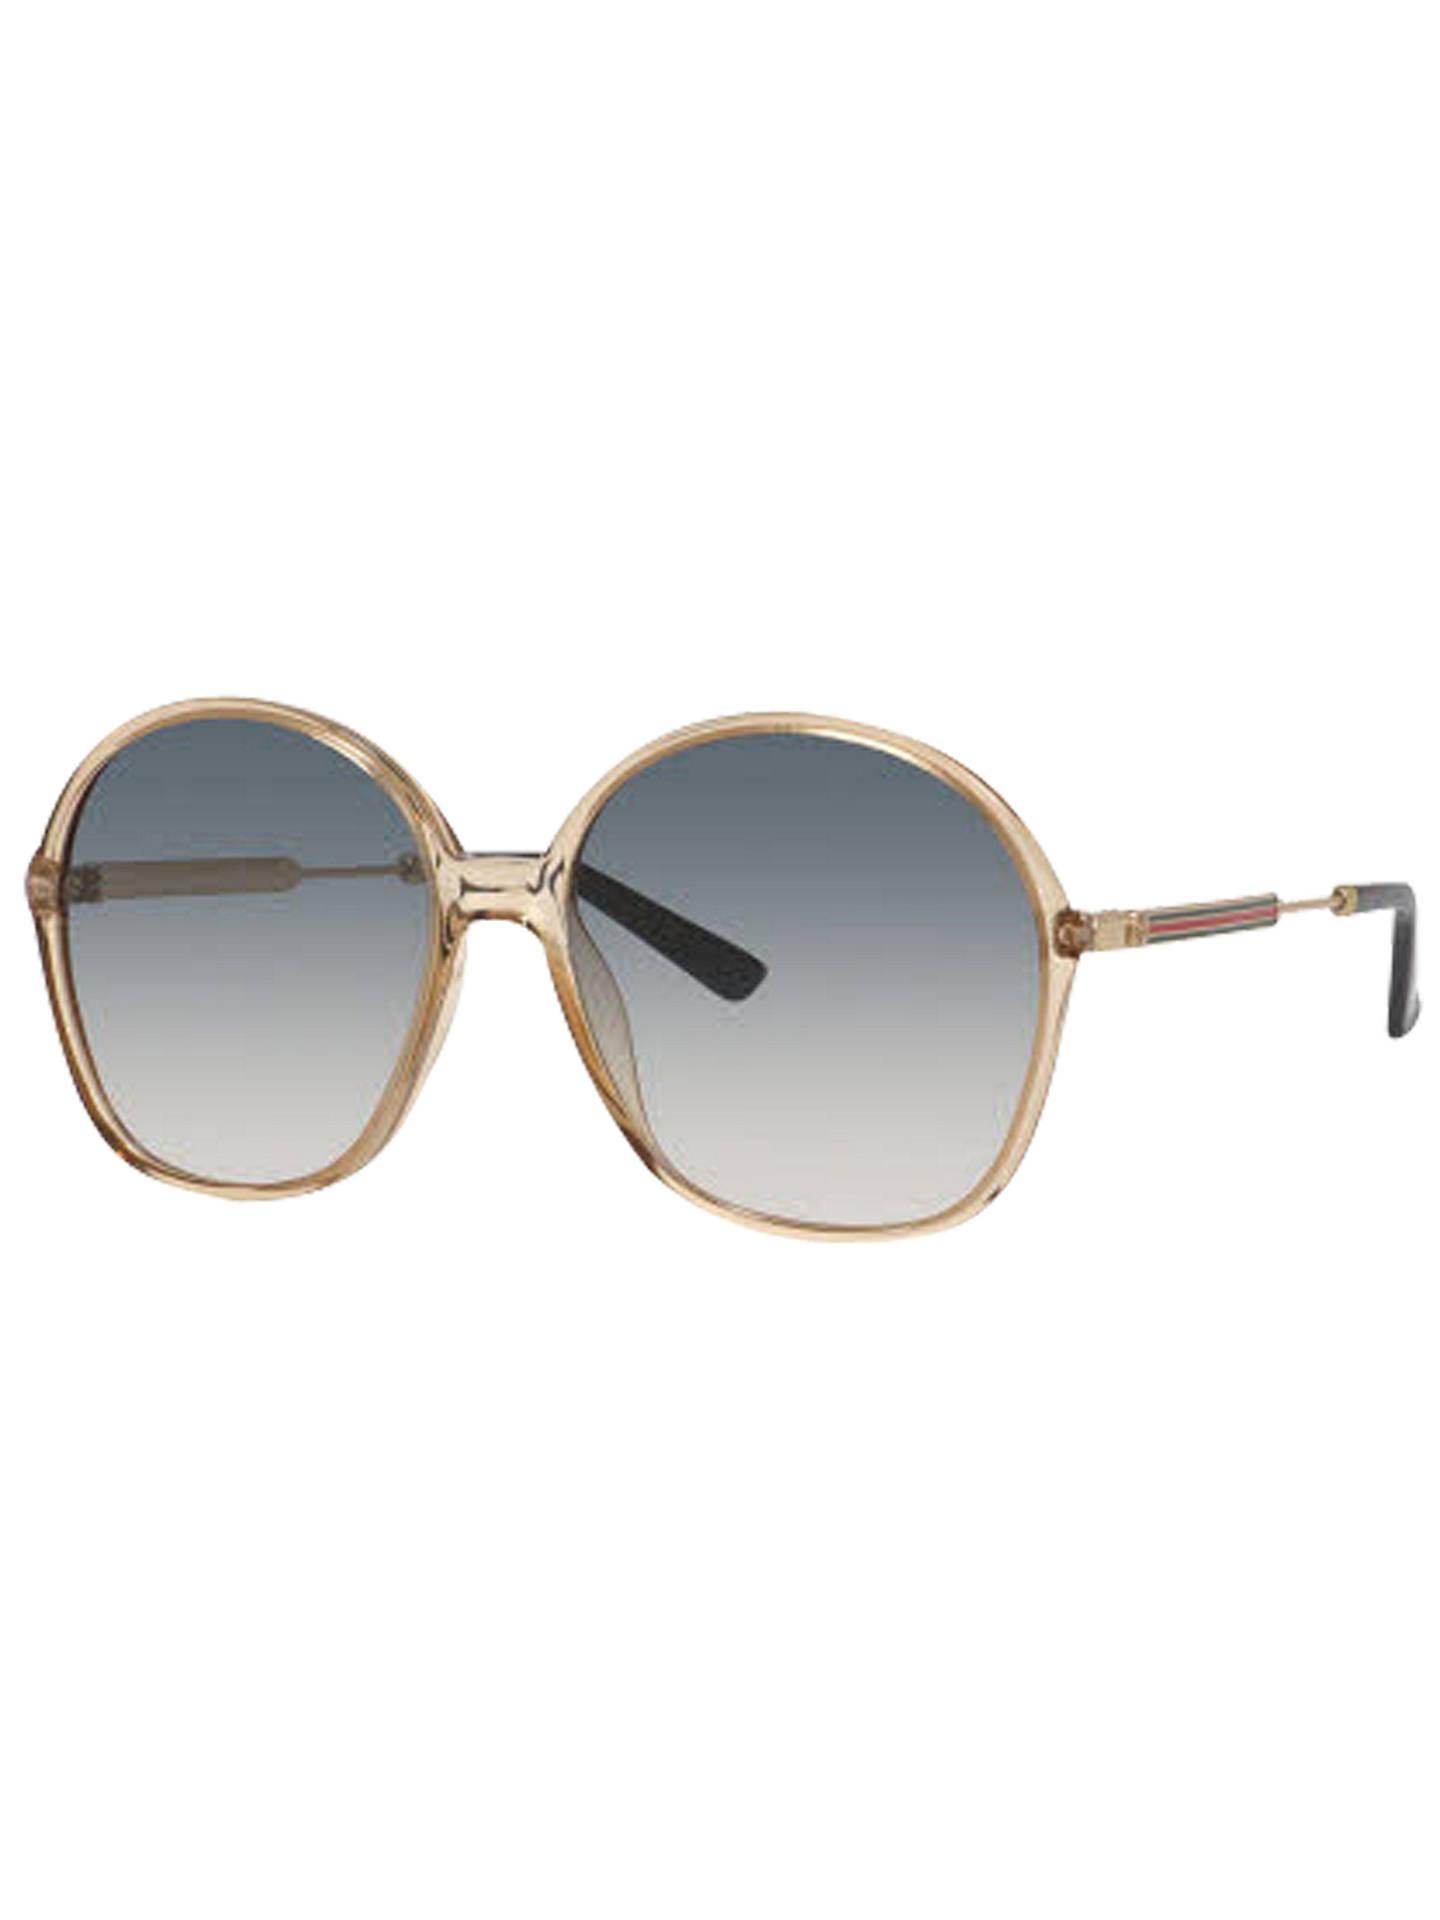 8153e01b40bed Buy Gucci GG 3844 S Round Sunglasses